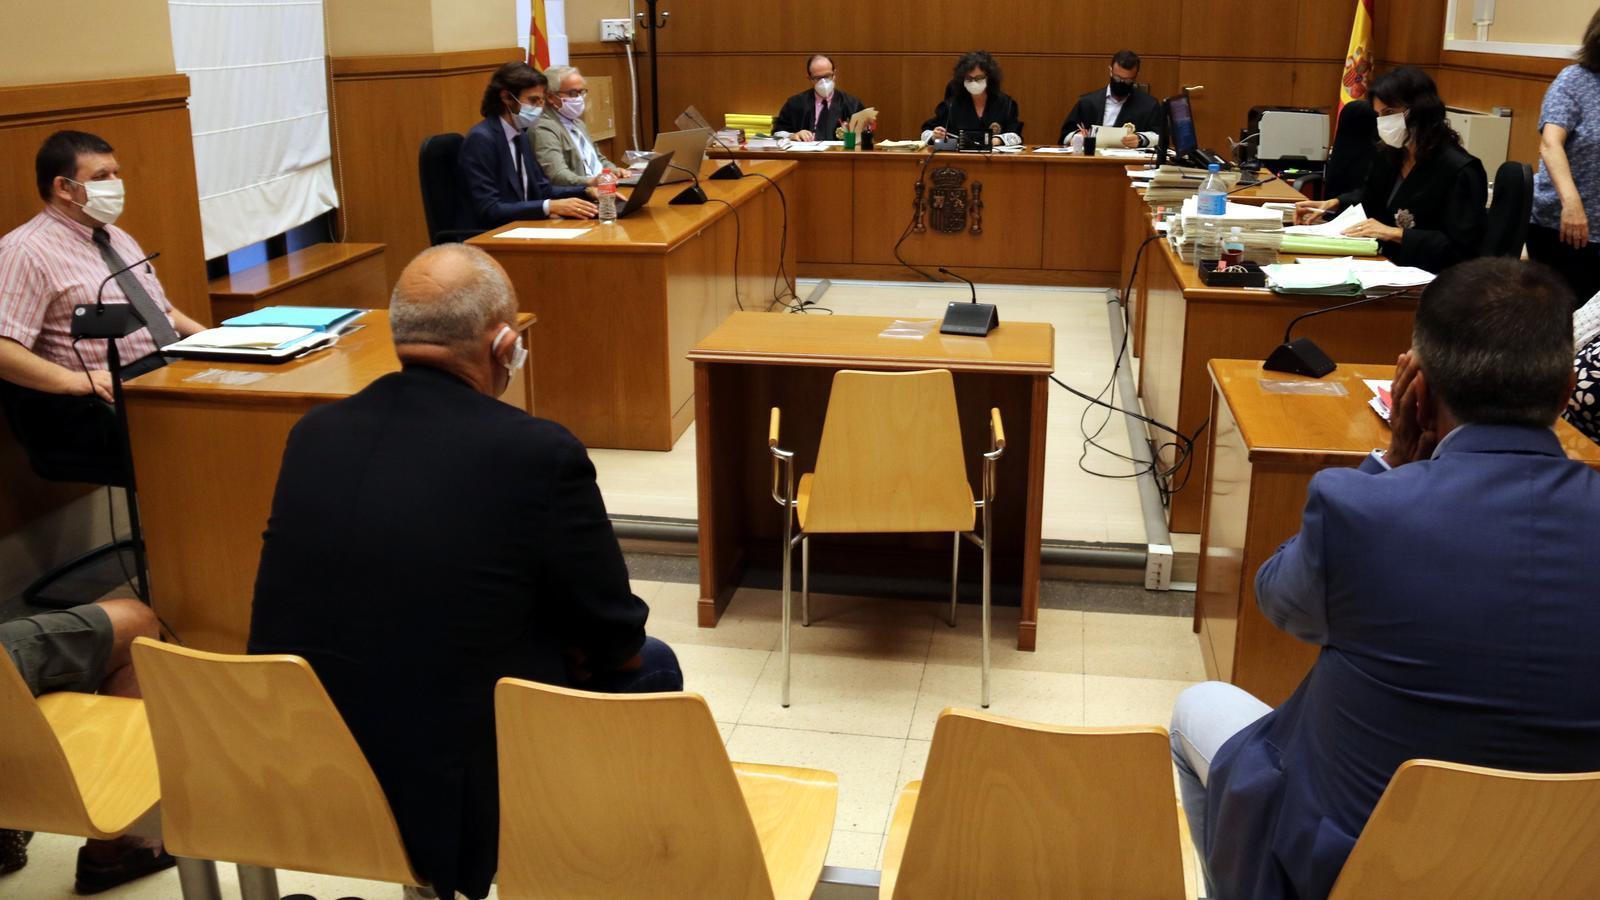 Un patriarca gitano admet haver cobrat diners del Consorci de la Mina per vigilar irregularment pisos socials